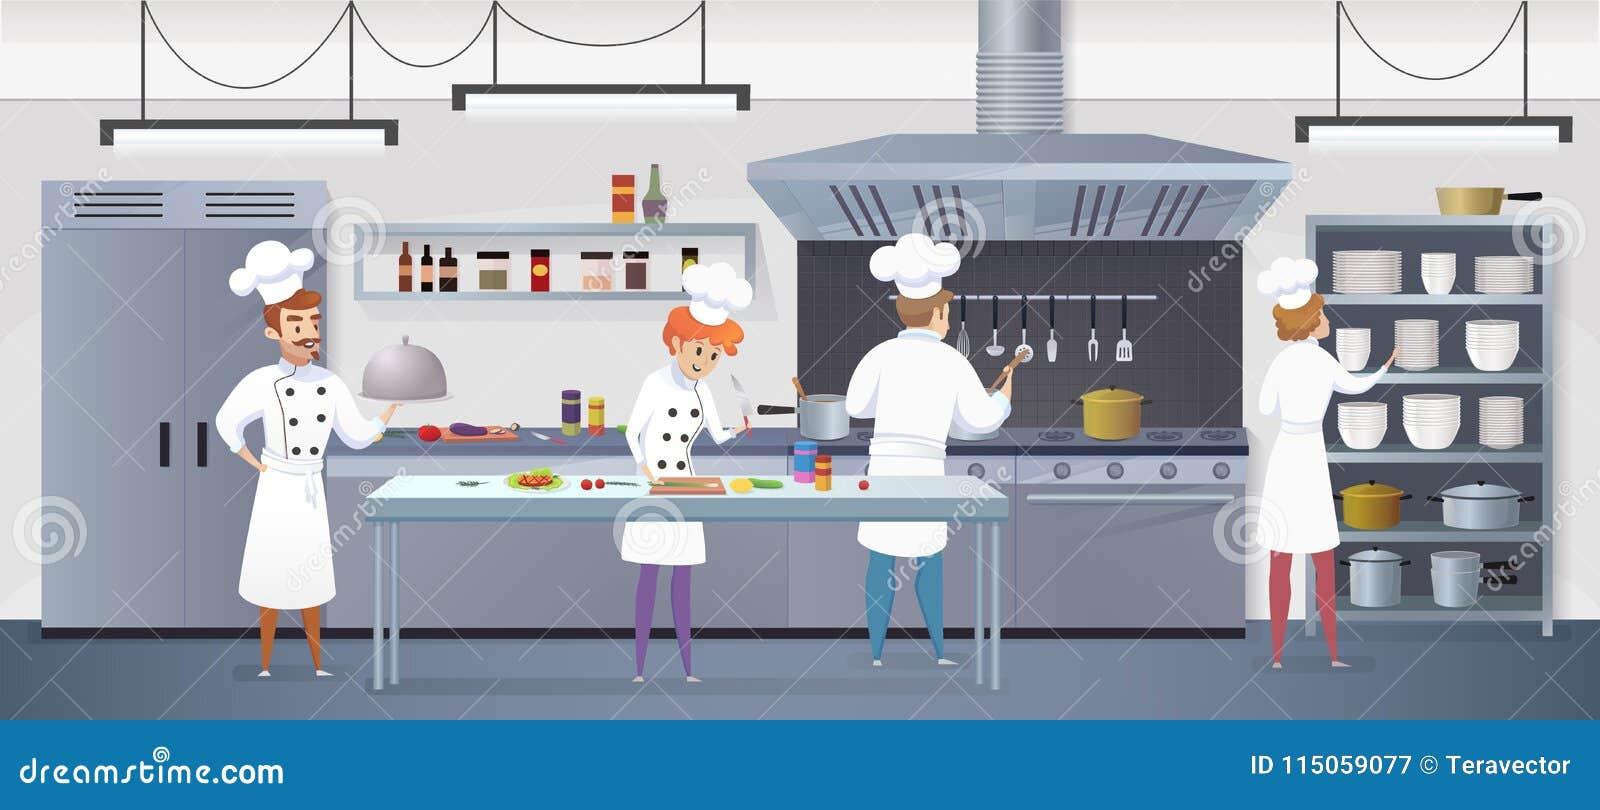 Cocina Comercial Con El Cocinero De Los Personajes De Dibujos